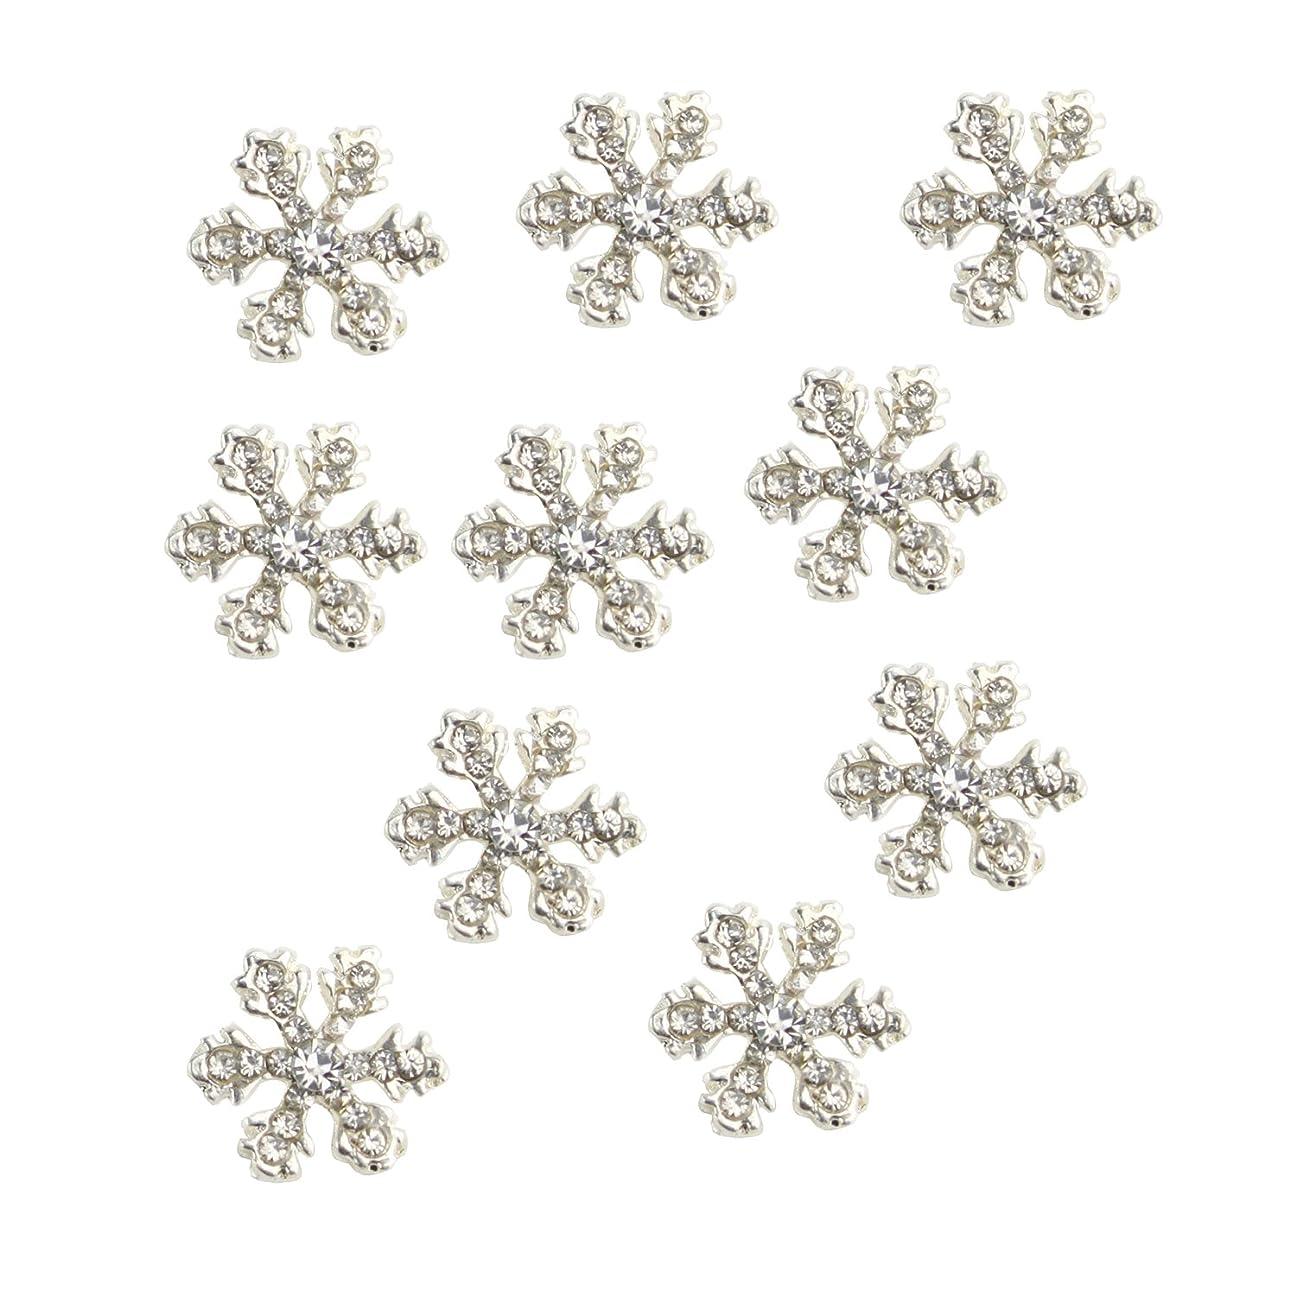 タイトグループポスターCUHAWUDBA 10枚 ラインストーン 3D 合金スノー 蝶結びナイルアート キラキラ DIYデコレーション(B)